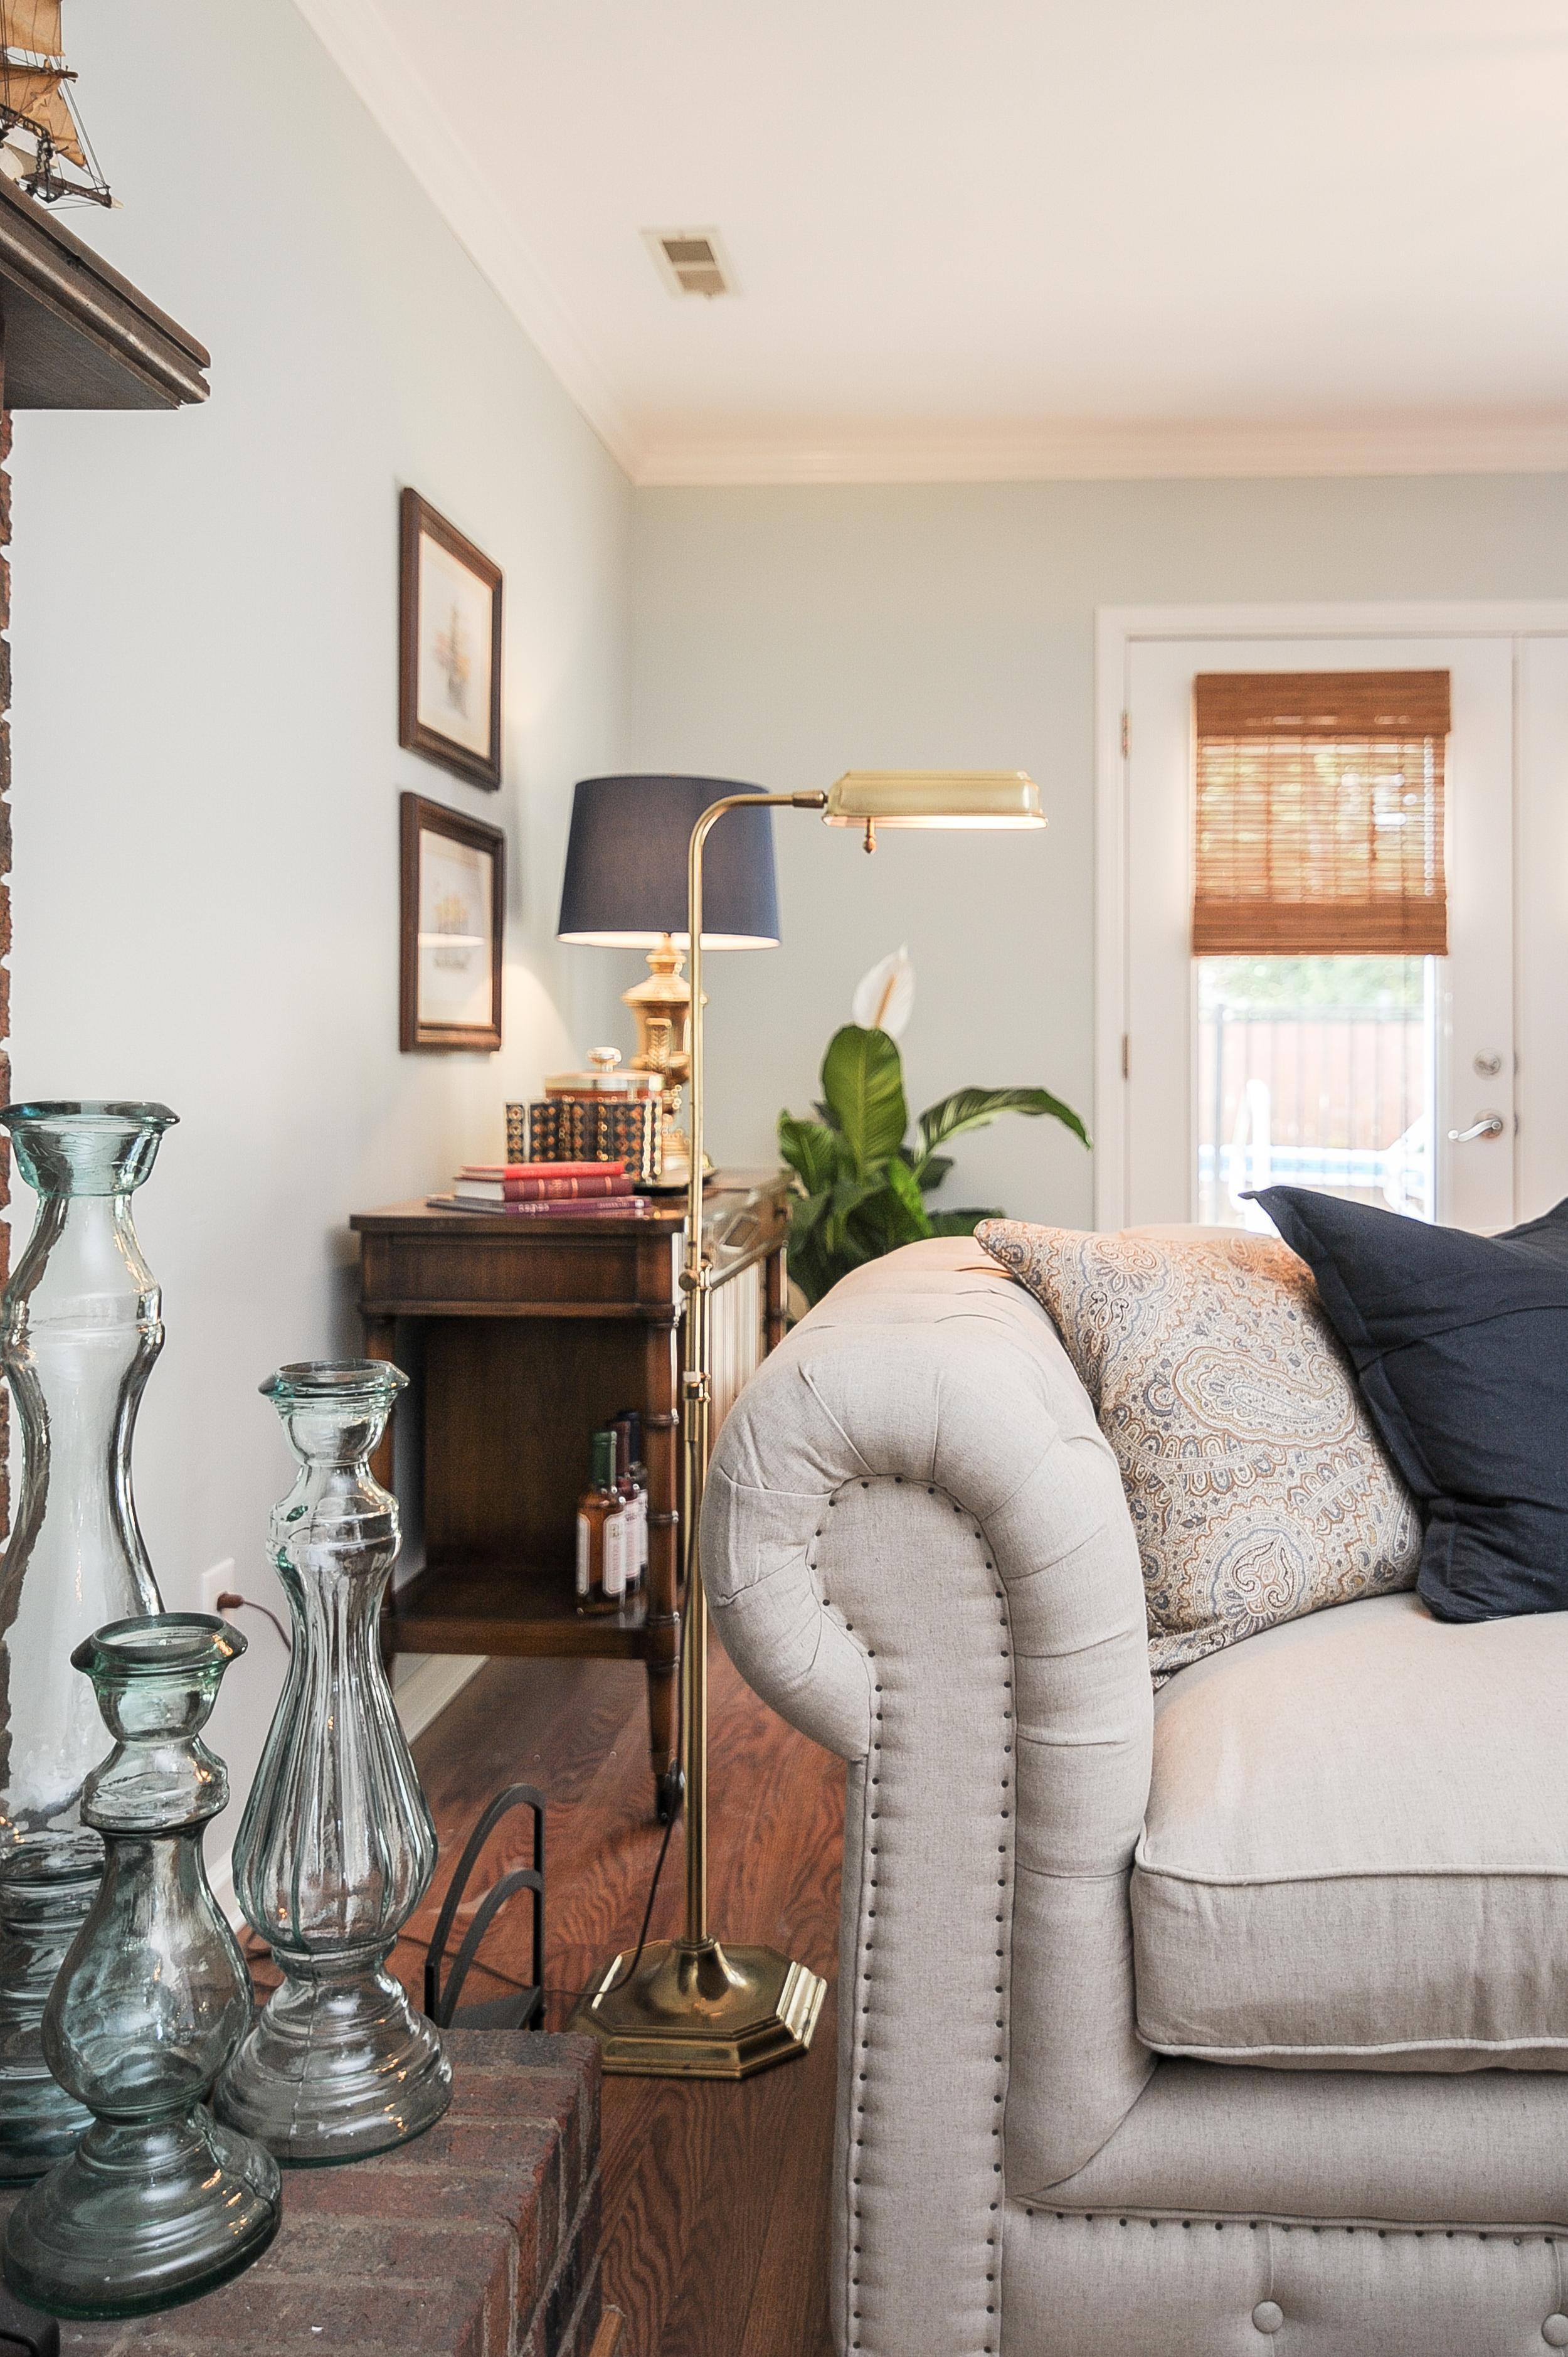 Artful Interiors - Bachelor Pad - Living Room Glass Display